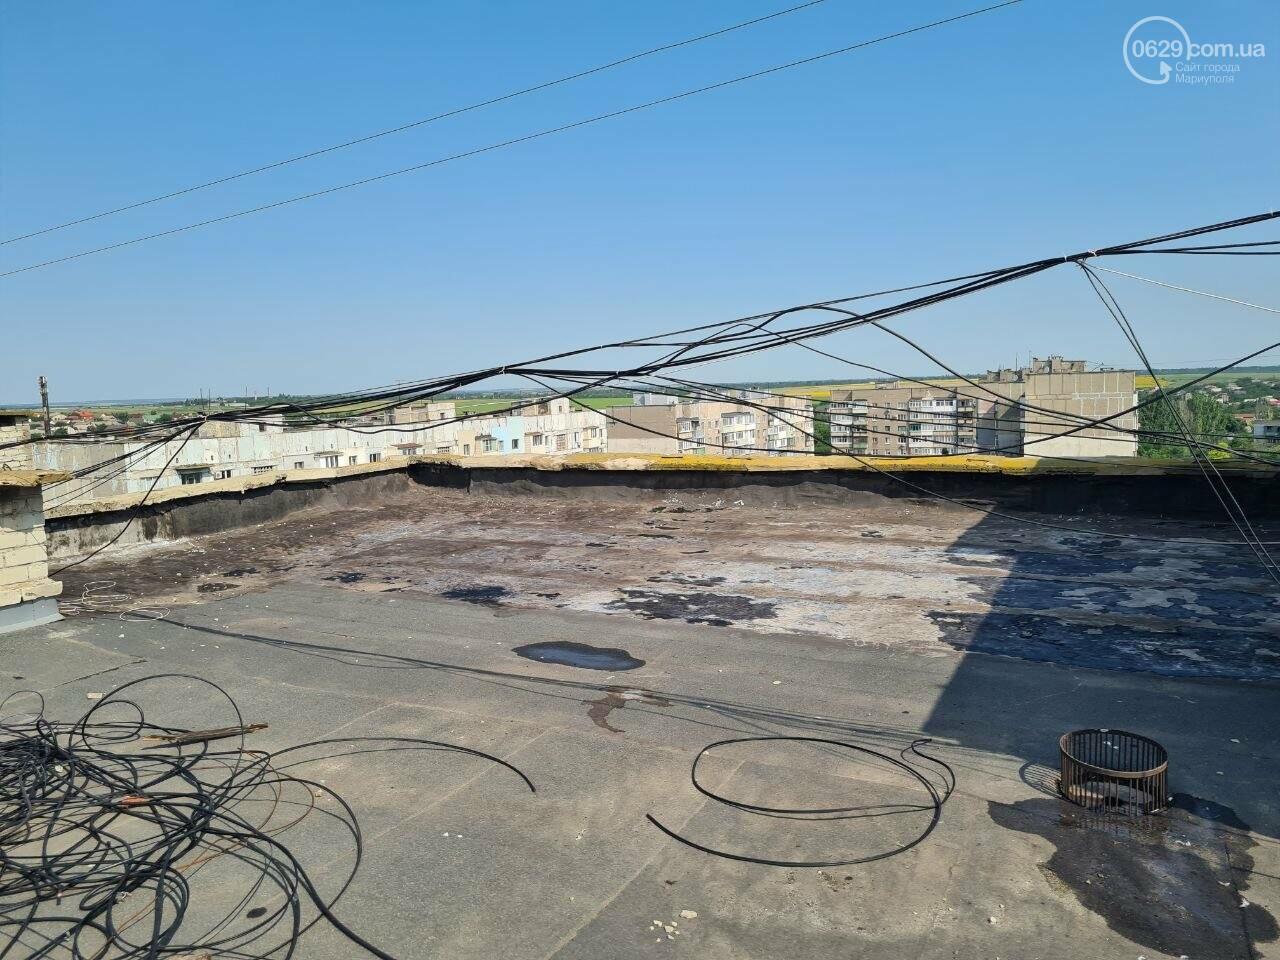 Эхо непогоды! В Мариуполе внепланово ремонтируют пострадавшую от ливня многоэтажку, - ФОТО, фото-21